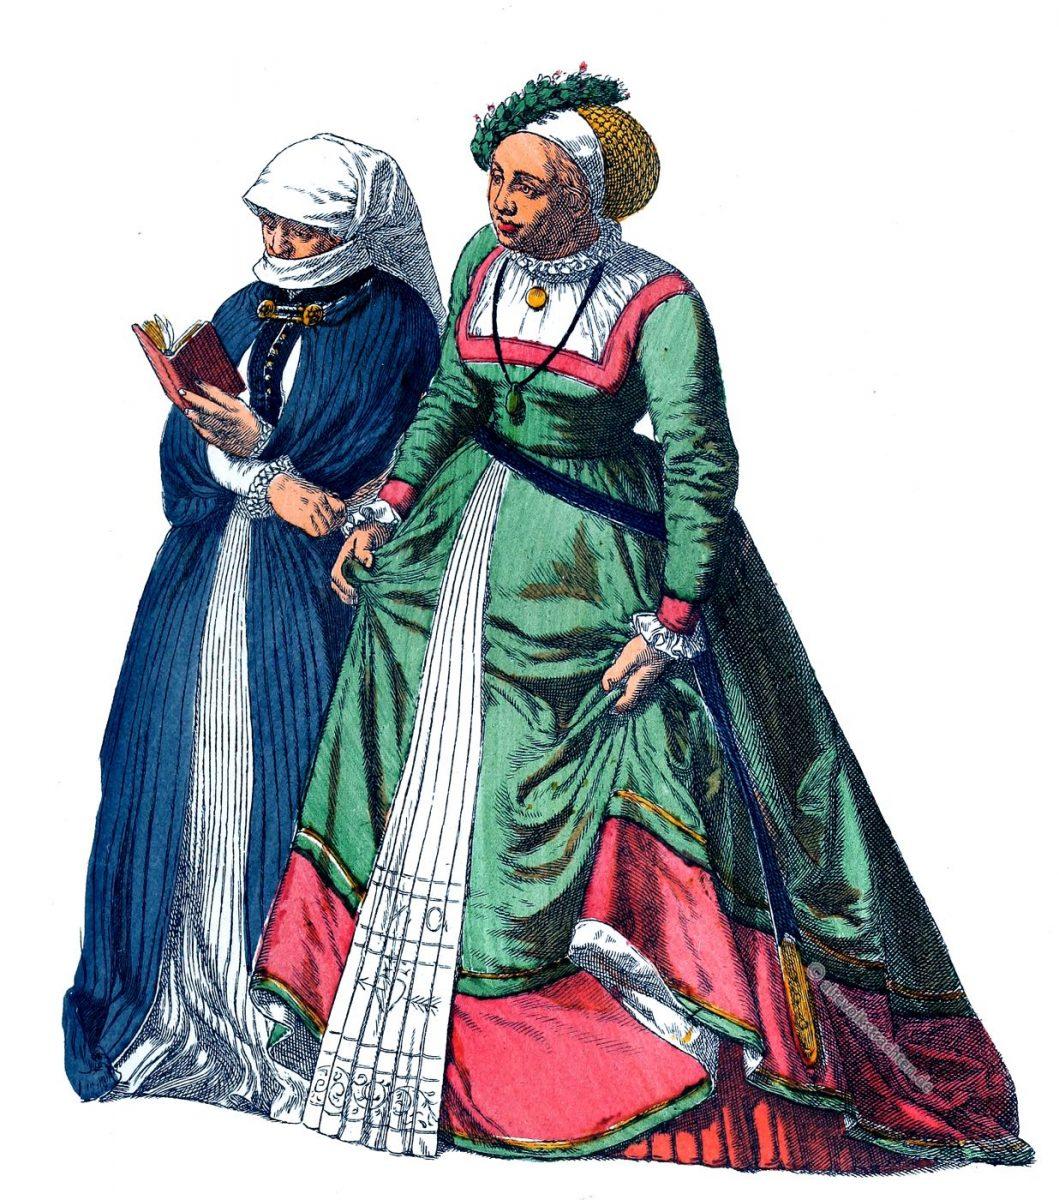 Trauerkleidung, Trachten, Trachten, Kostüme, Brautkleid, Kleidung, Albert Kretschmer, Renaissance